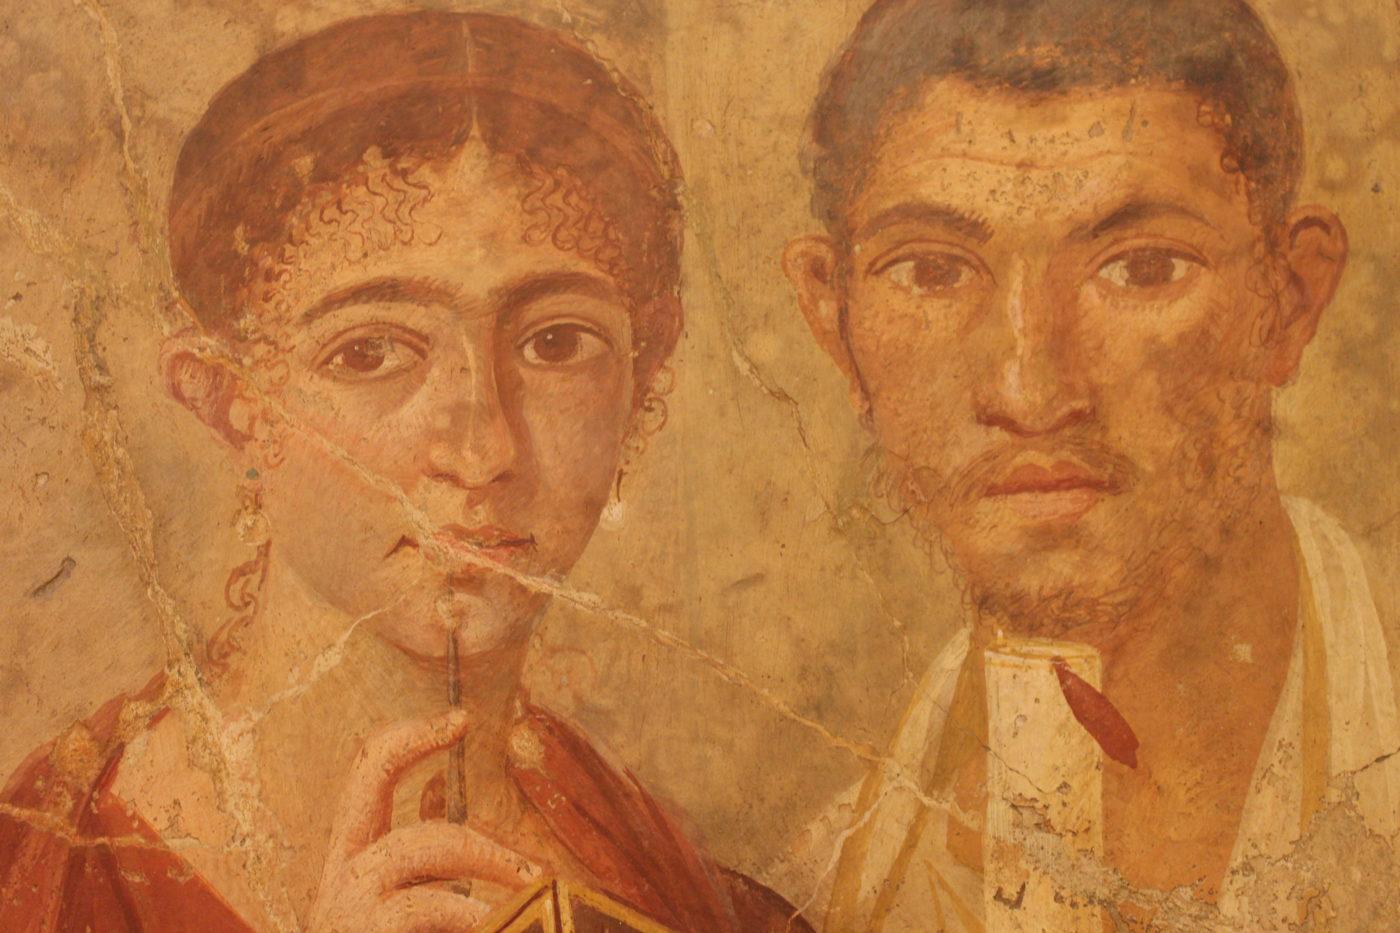 Museo Archeologico Nazionale di Napoli - Pittura Etrusca